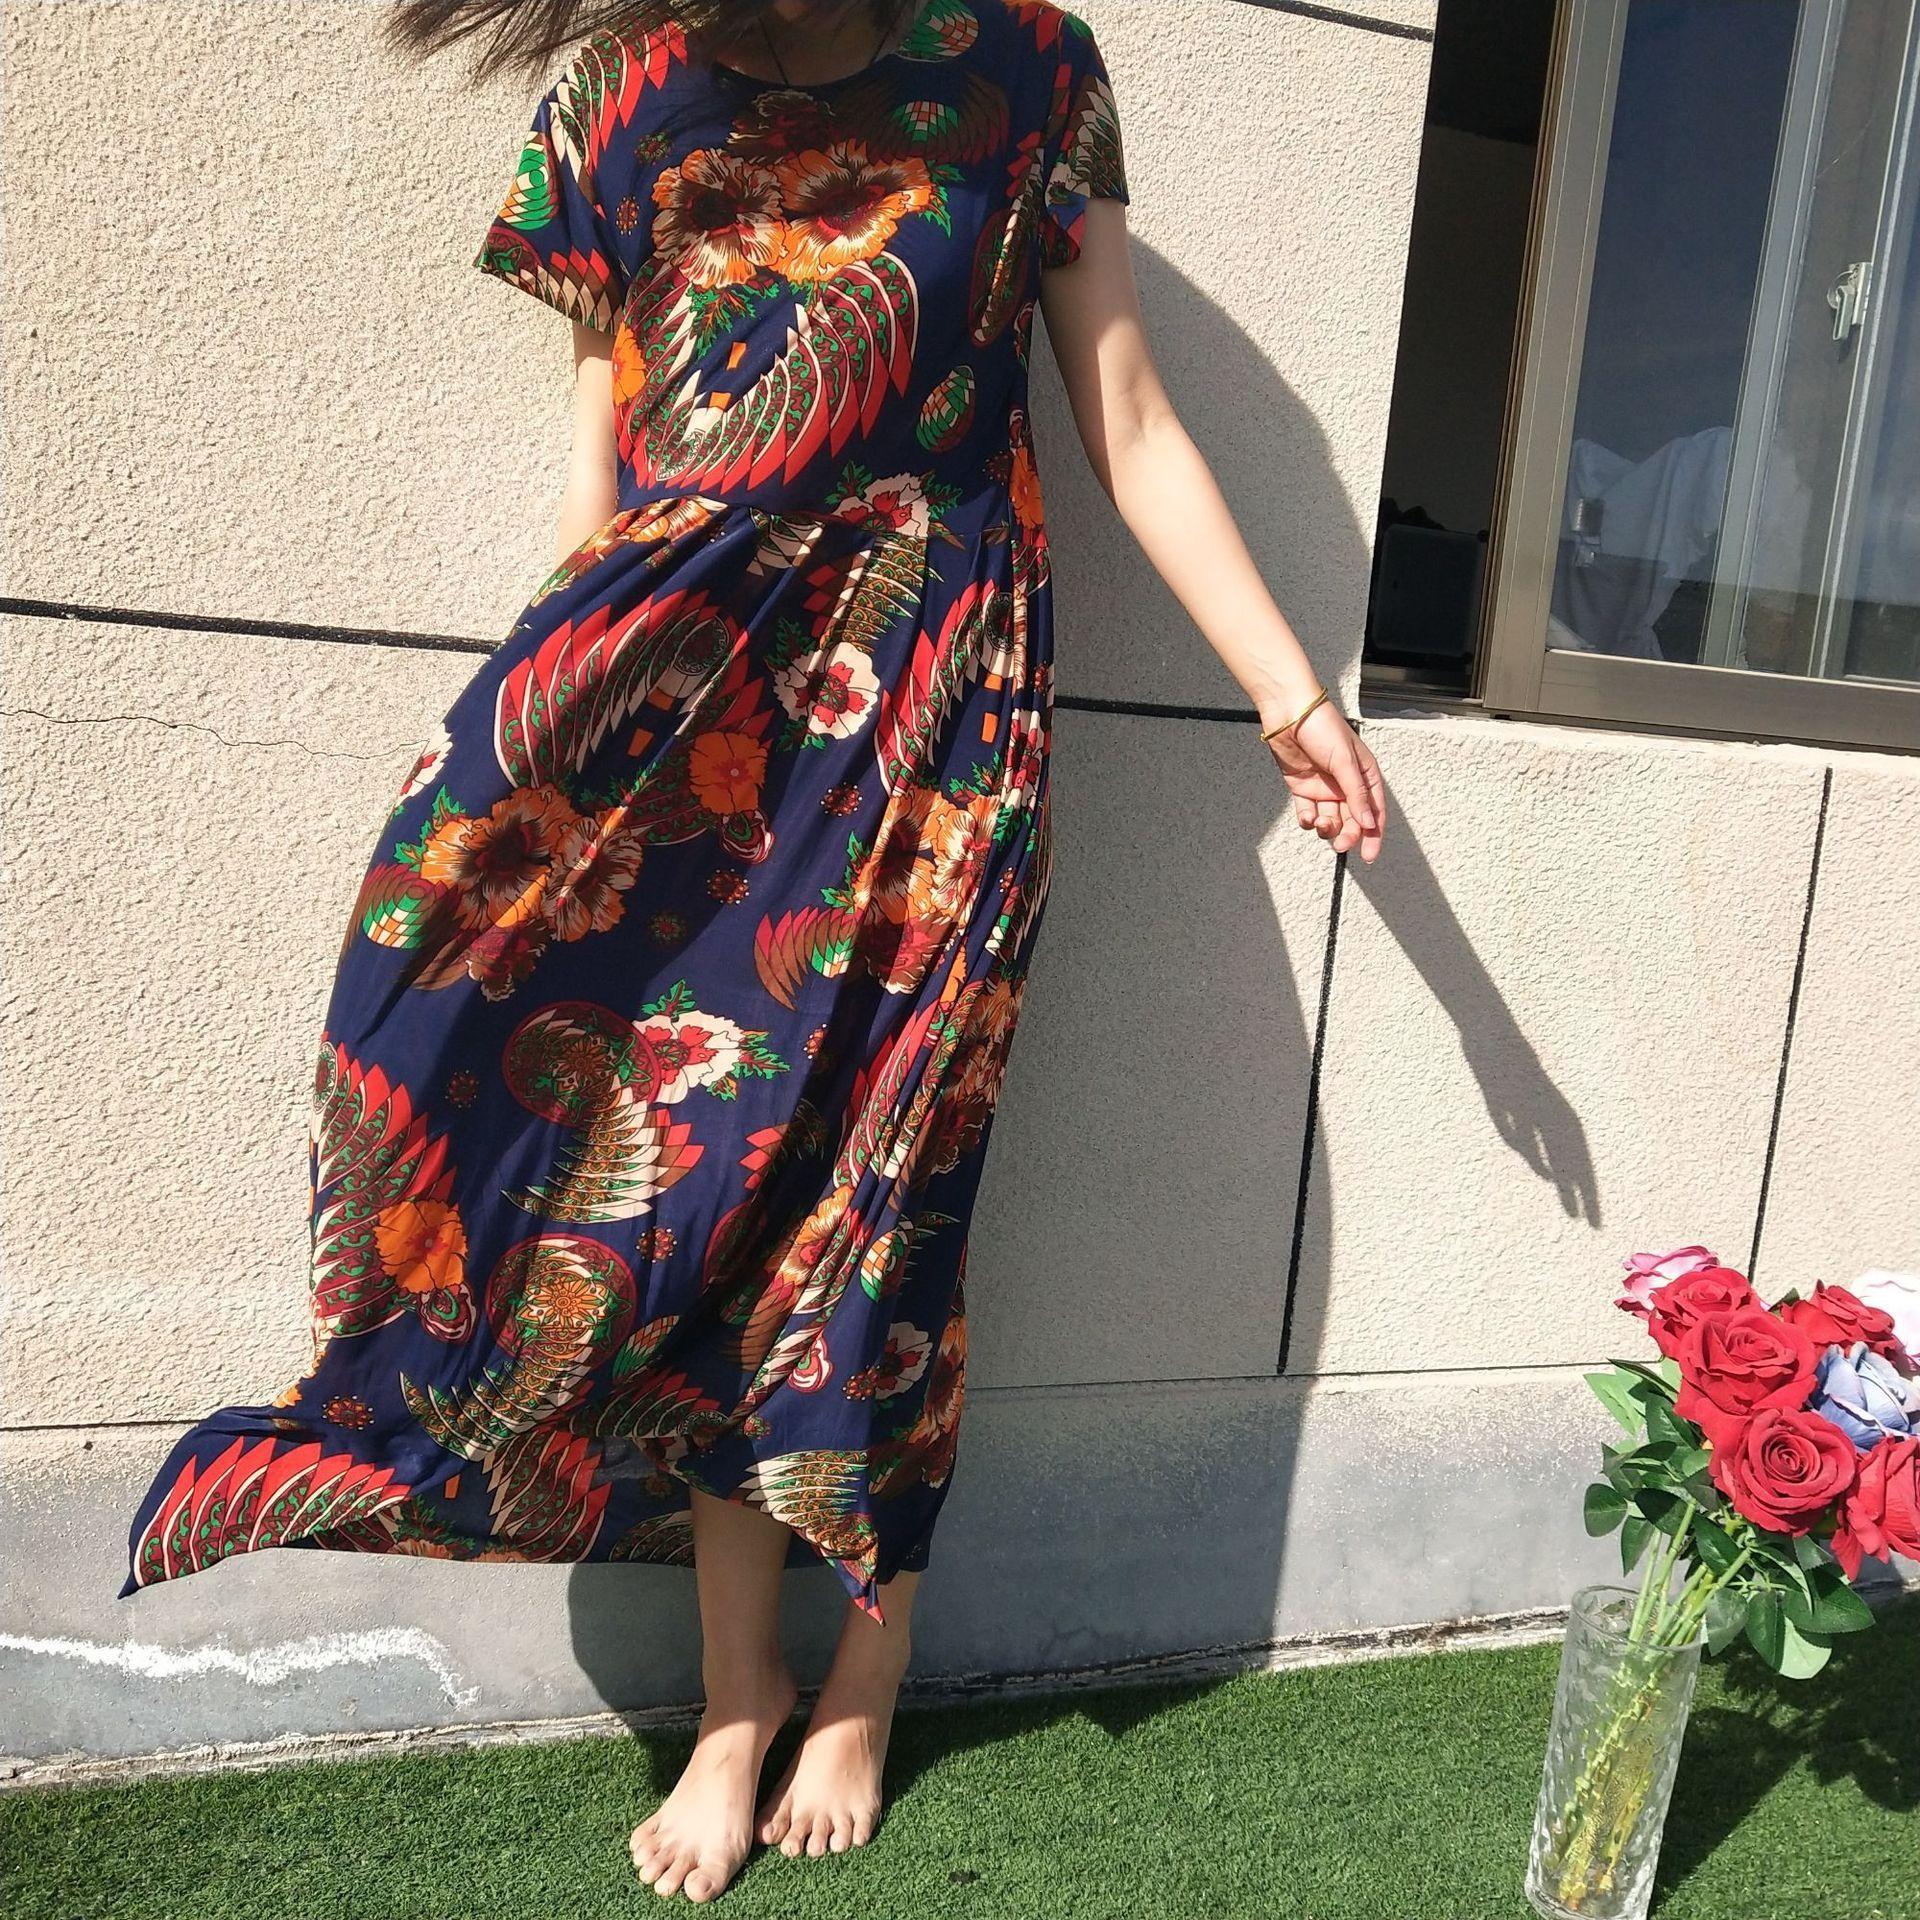 vTXUB plissado de seda gelo no verão Além disso saia estilo coreano ZJe2s cintura alta vestido de saia de uma peça grande extensão Slim Fit grande corpo de gordura impressos em